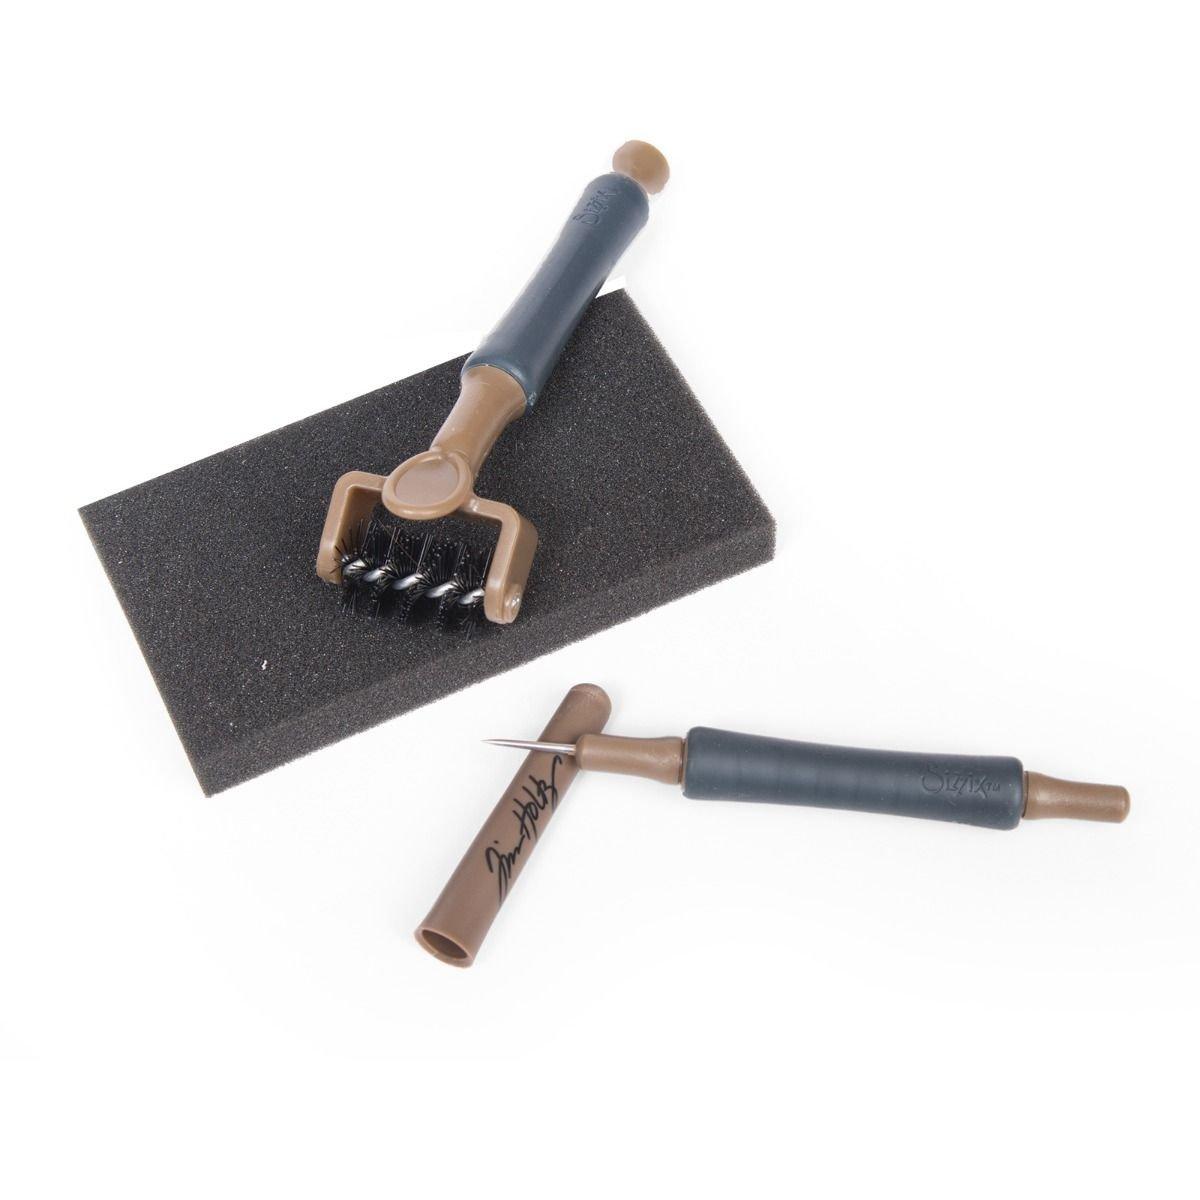 Sizzix Tim Holtz Accessory - Mini Tool Kit Item #663035